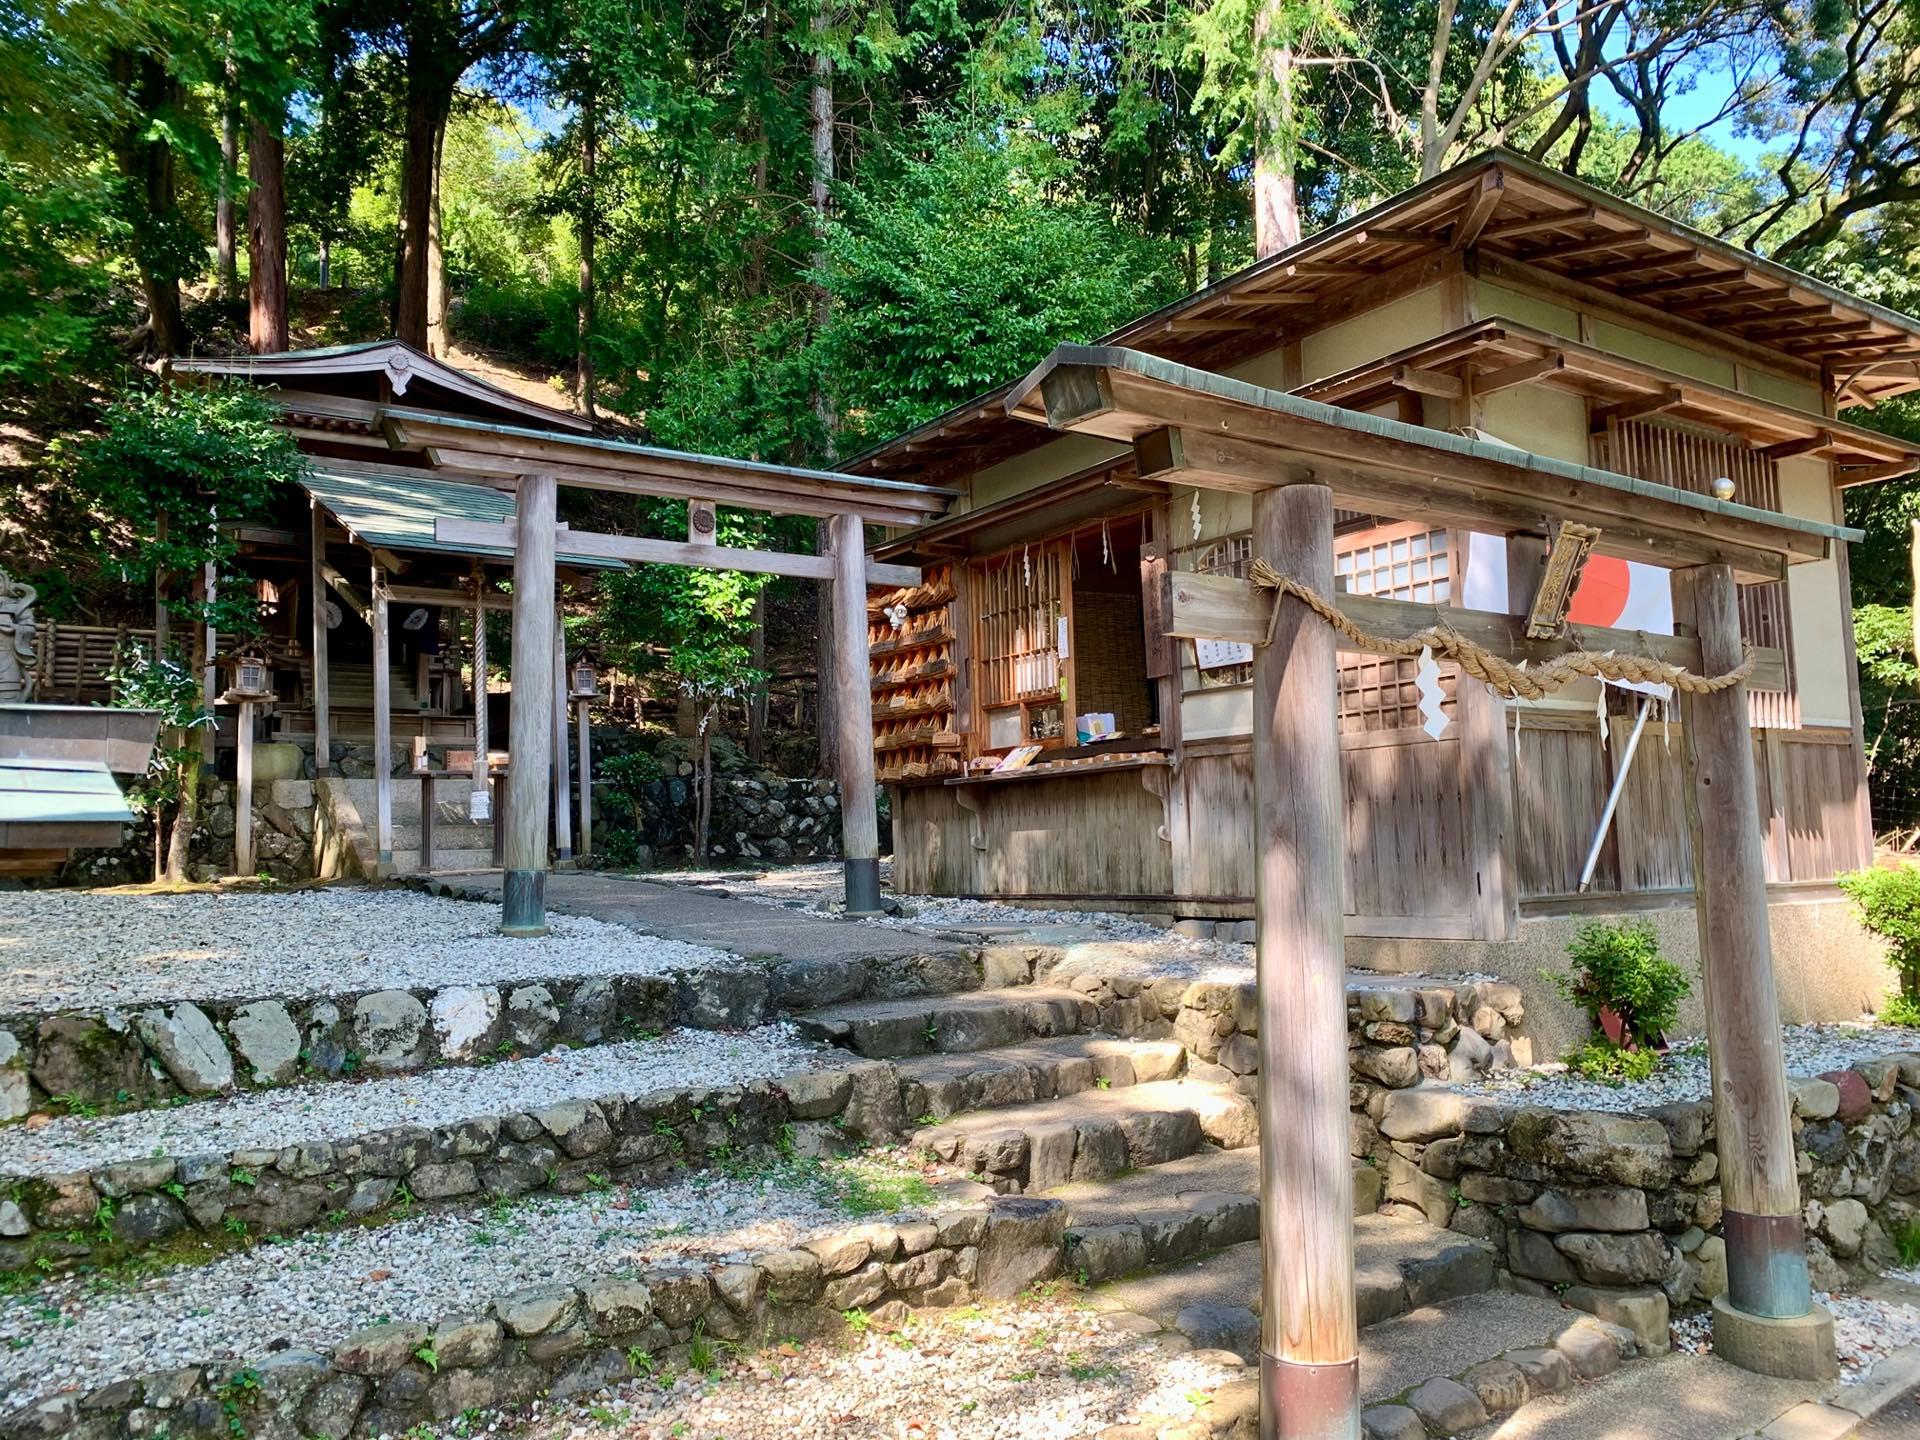 「御髪神社」京都嵐山にある髪の神様へ、ハゲ防止の祈願をしてきた